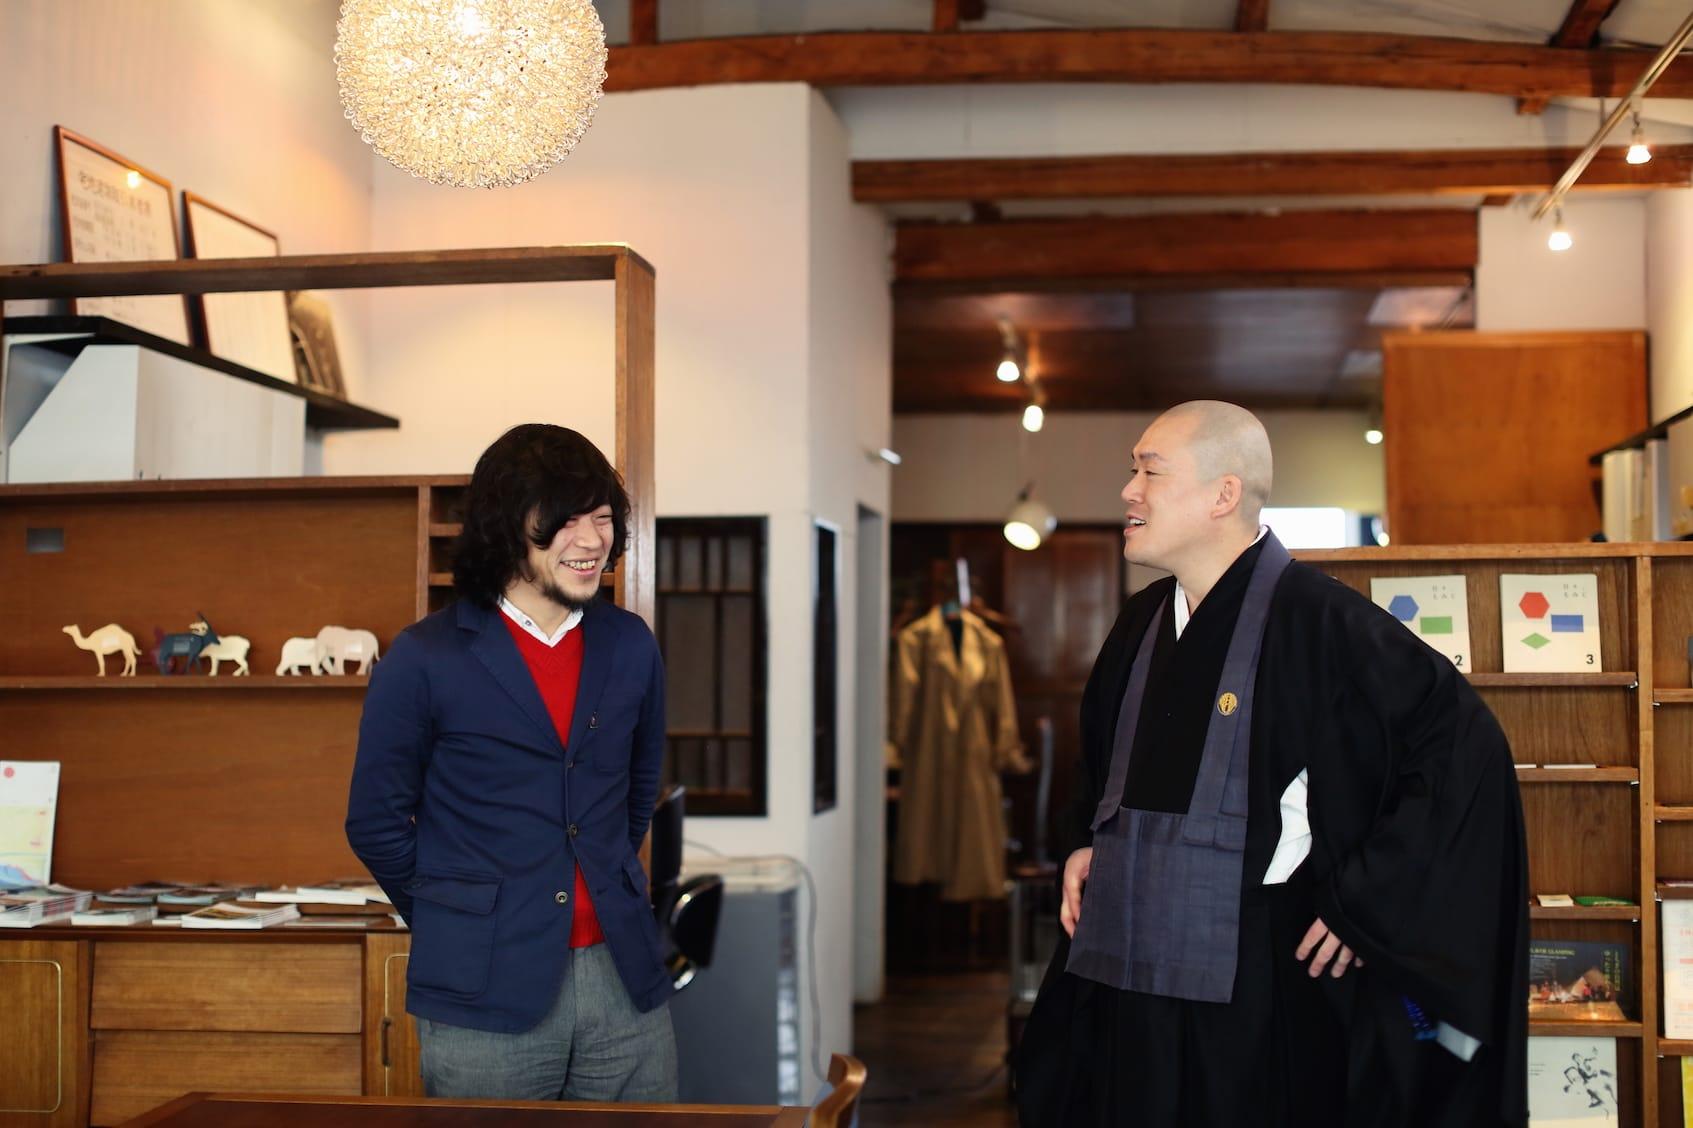 「ぼんやりしていたら忘年会やる機会を逃しまして」という塩田さんに「また集まりましょうよ」と声をかける井上さん。近隣の物件についてなど、情報交換は尽きない。